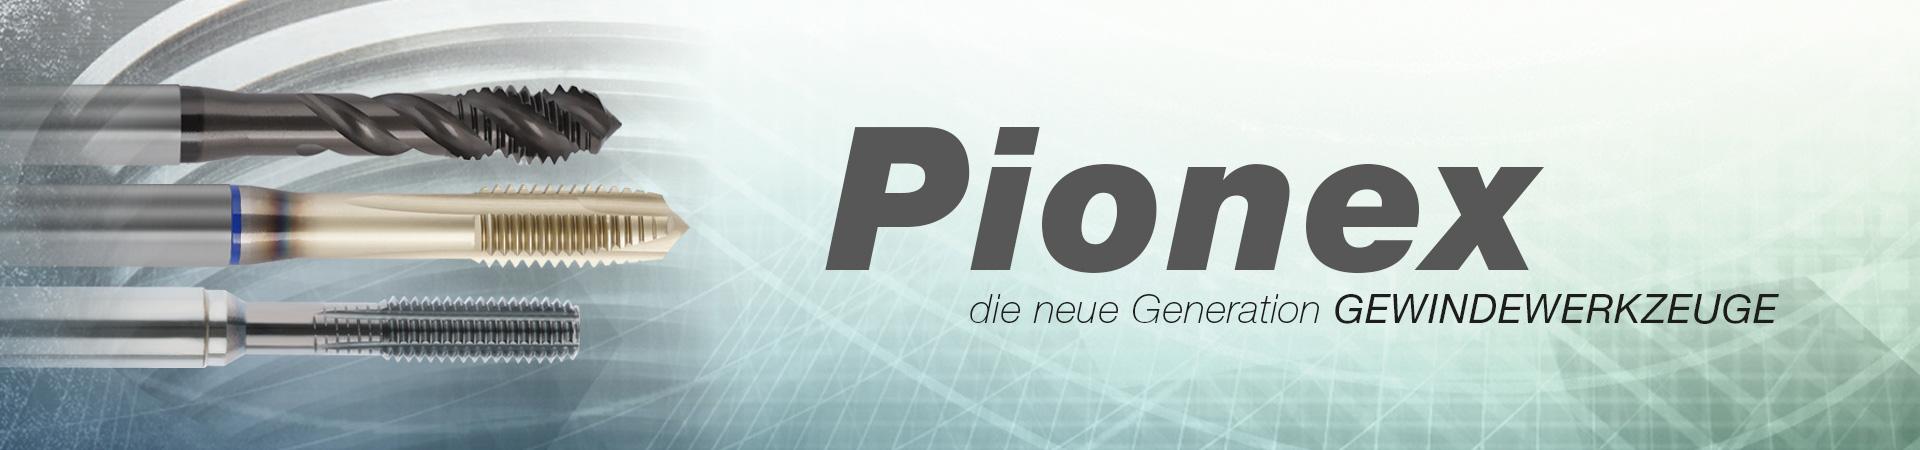 Pionex - die neue Generation Gewindeformer